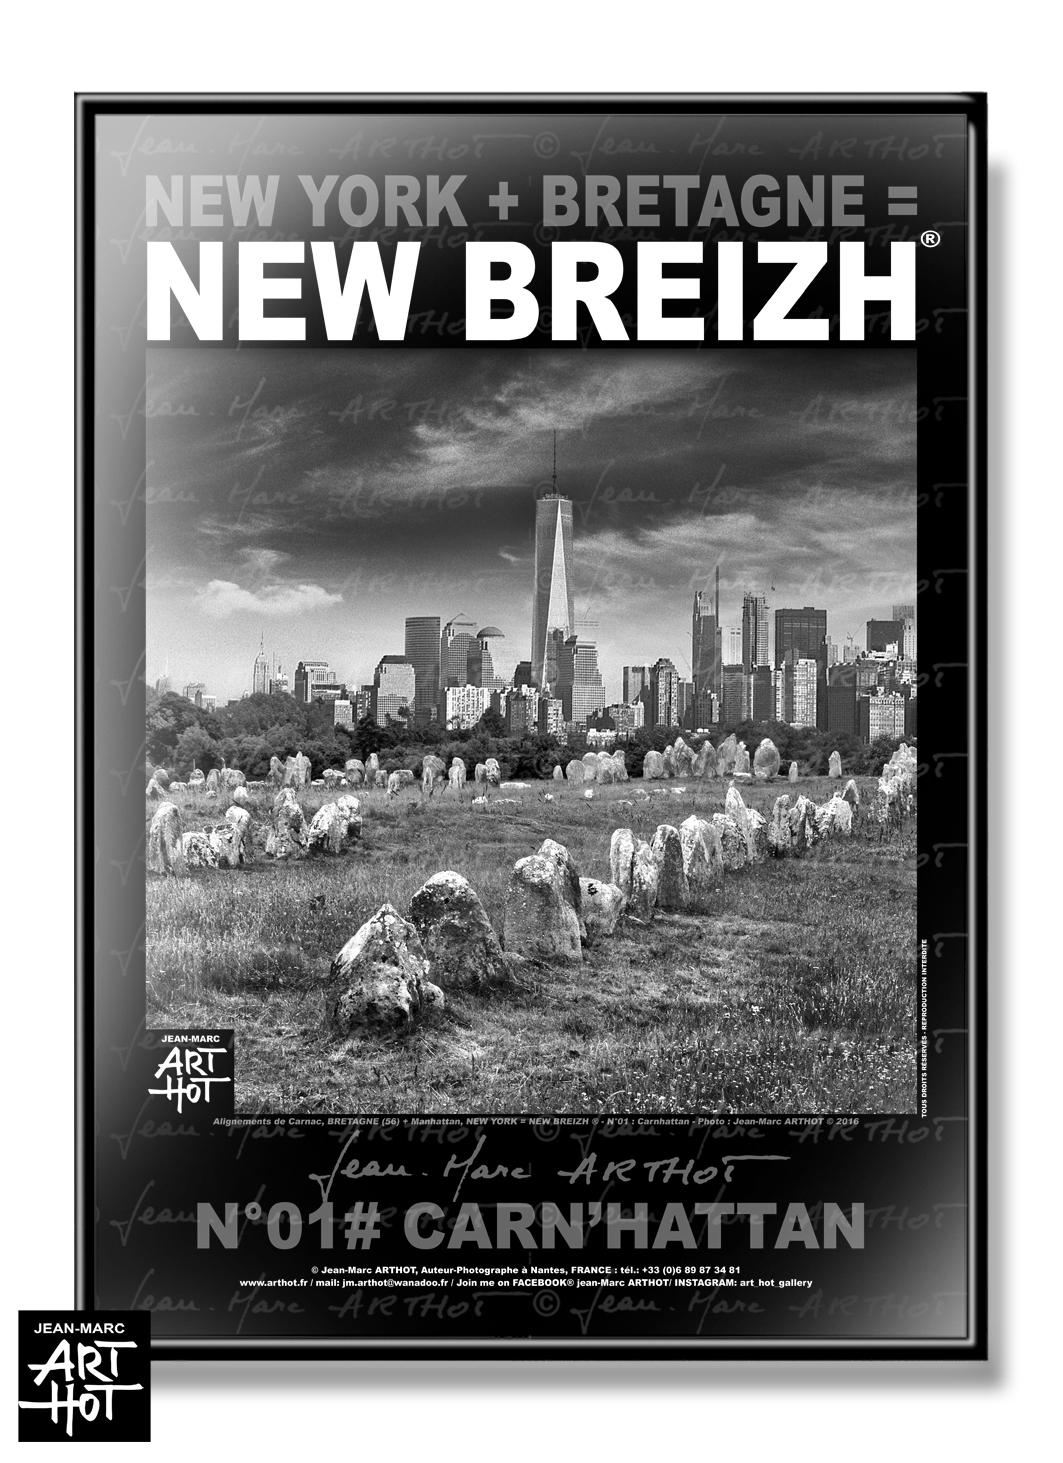 AFFICHE NEW BREIZH N°01-Carnhattan